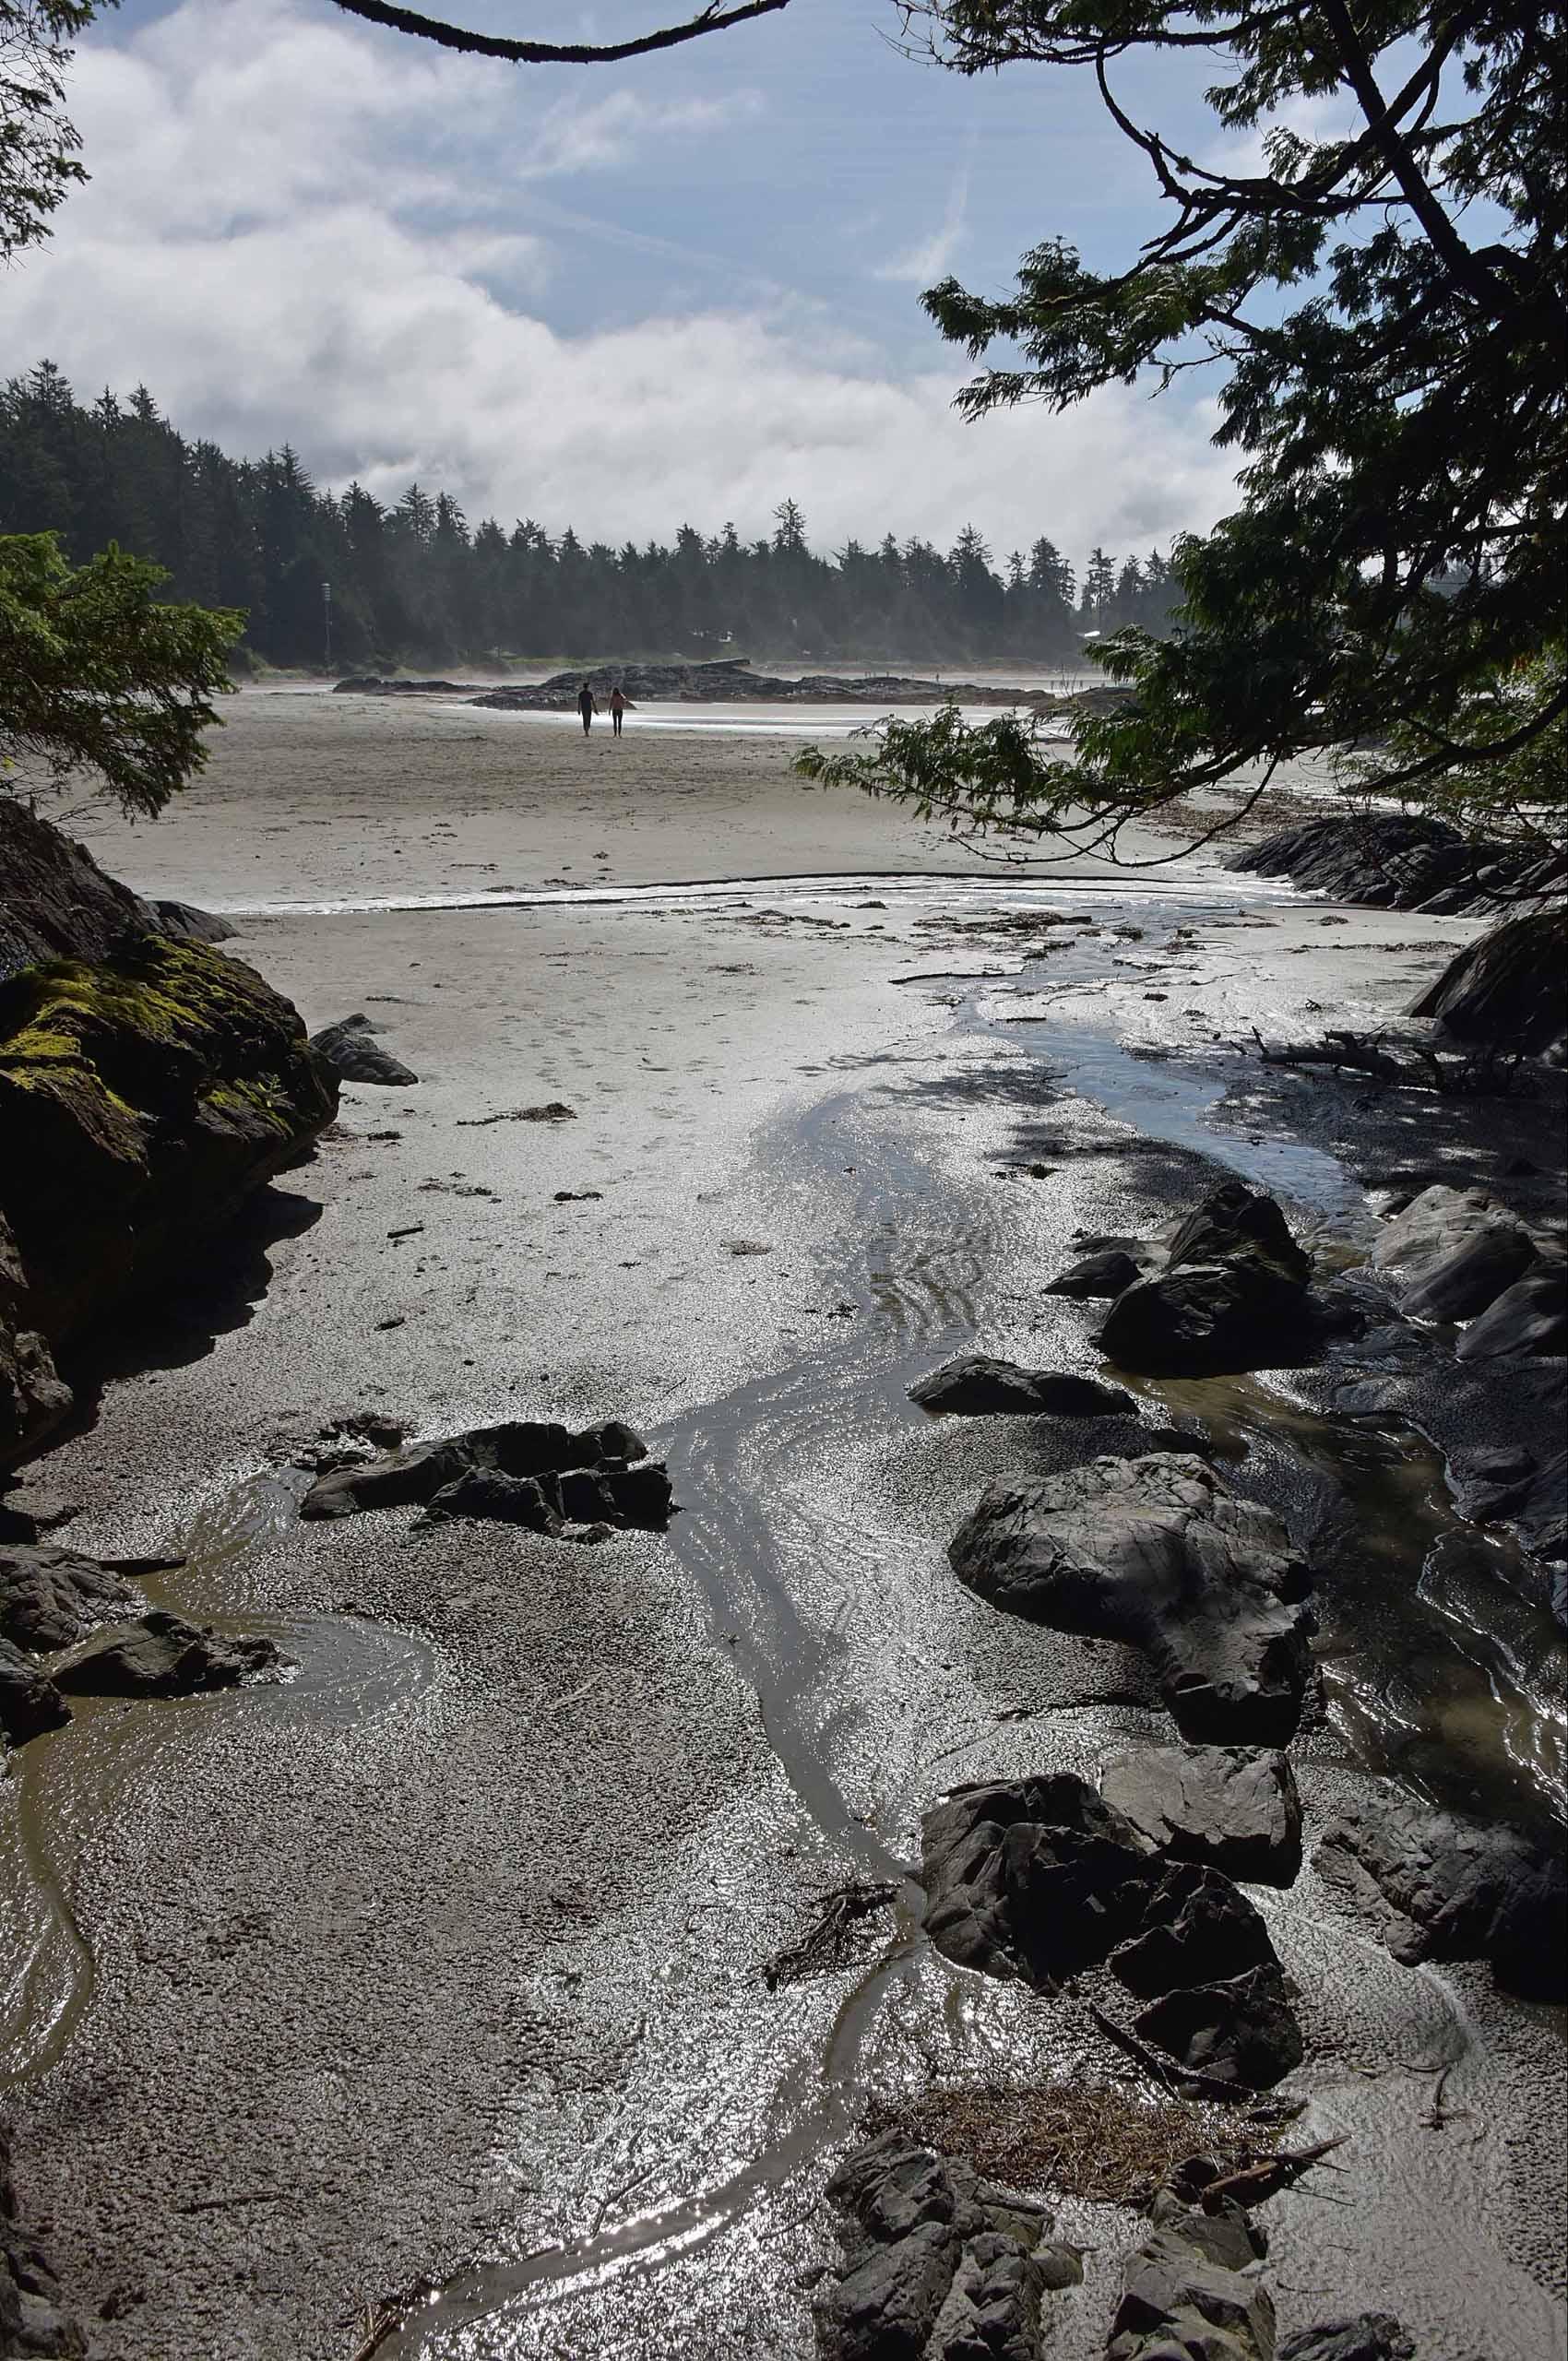 brandy saturley photo wickaninnish beach